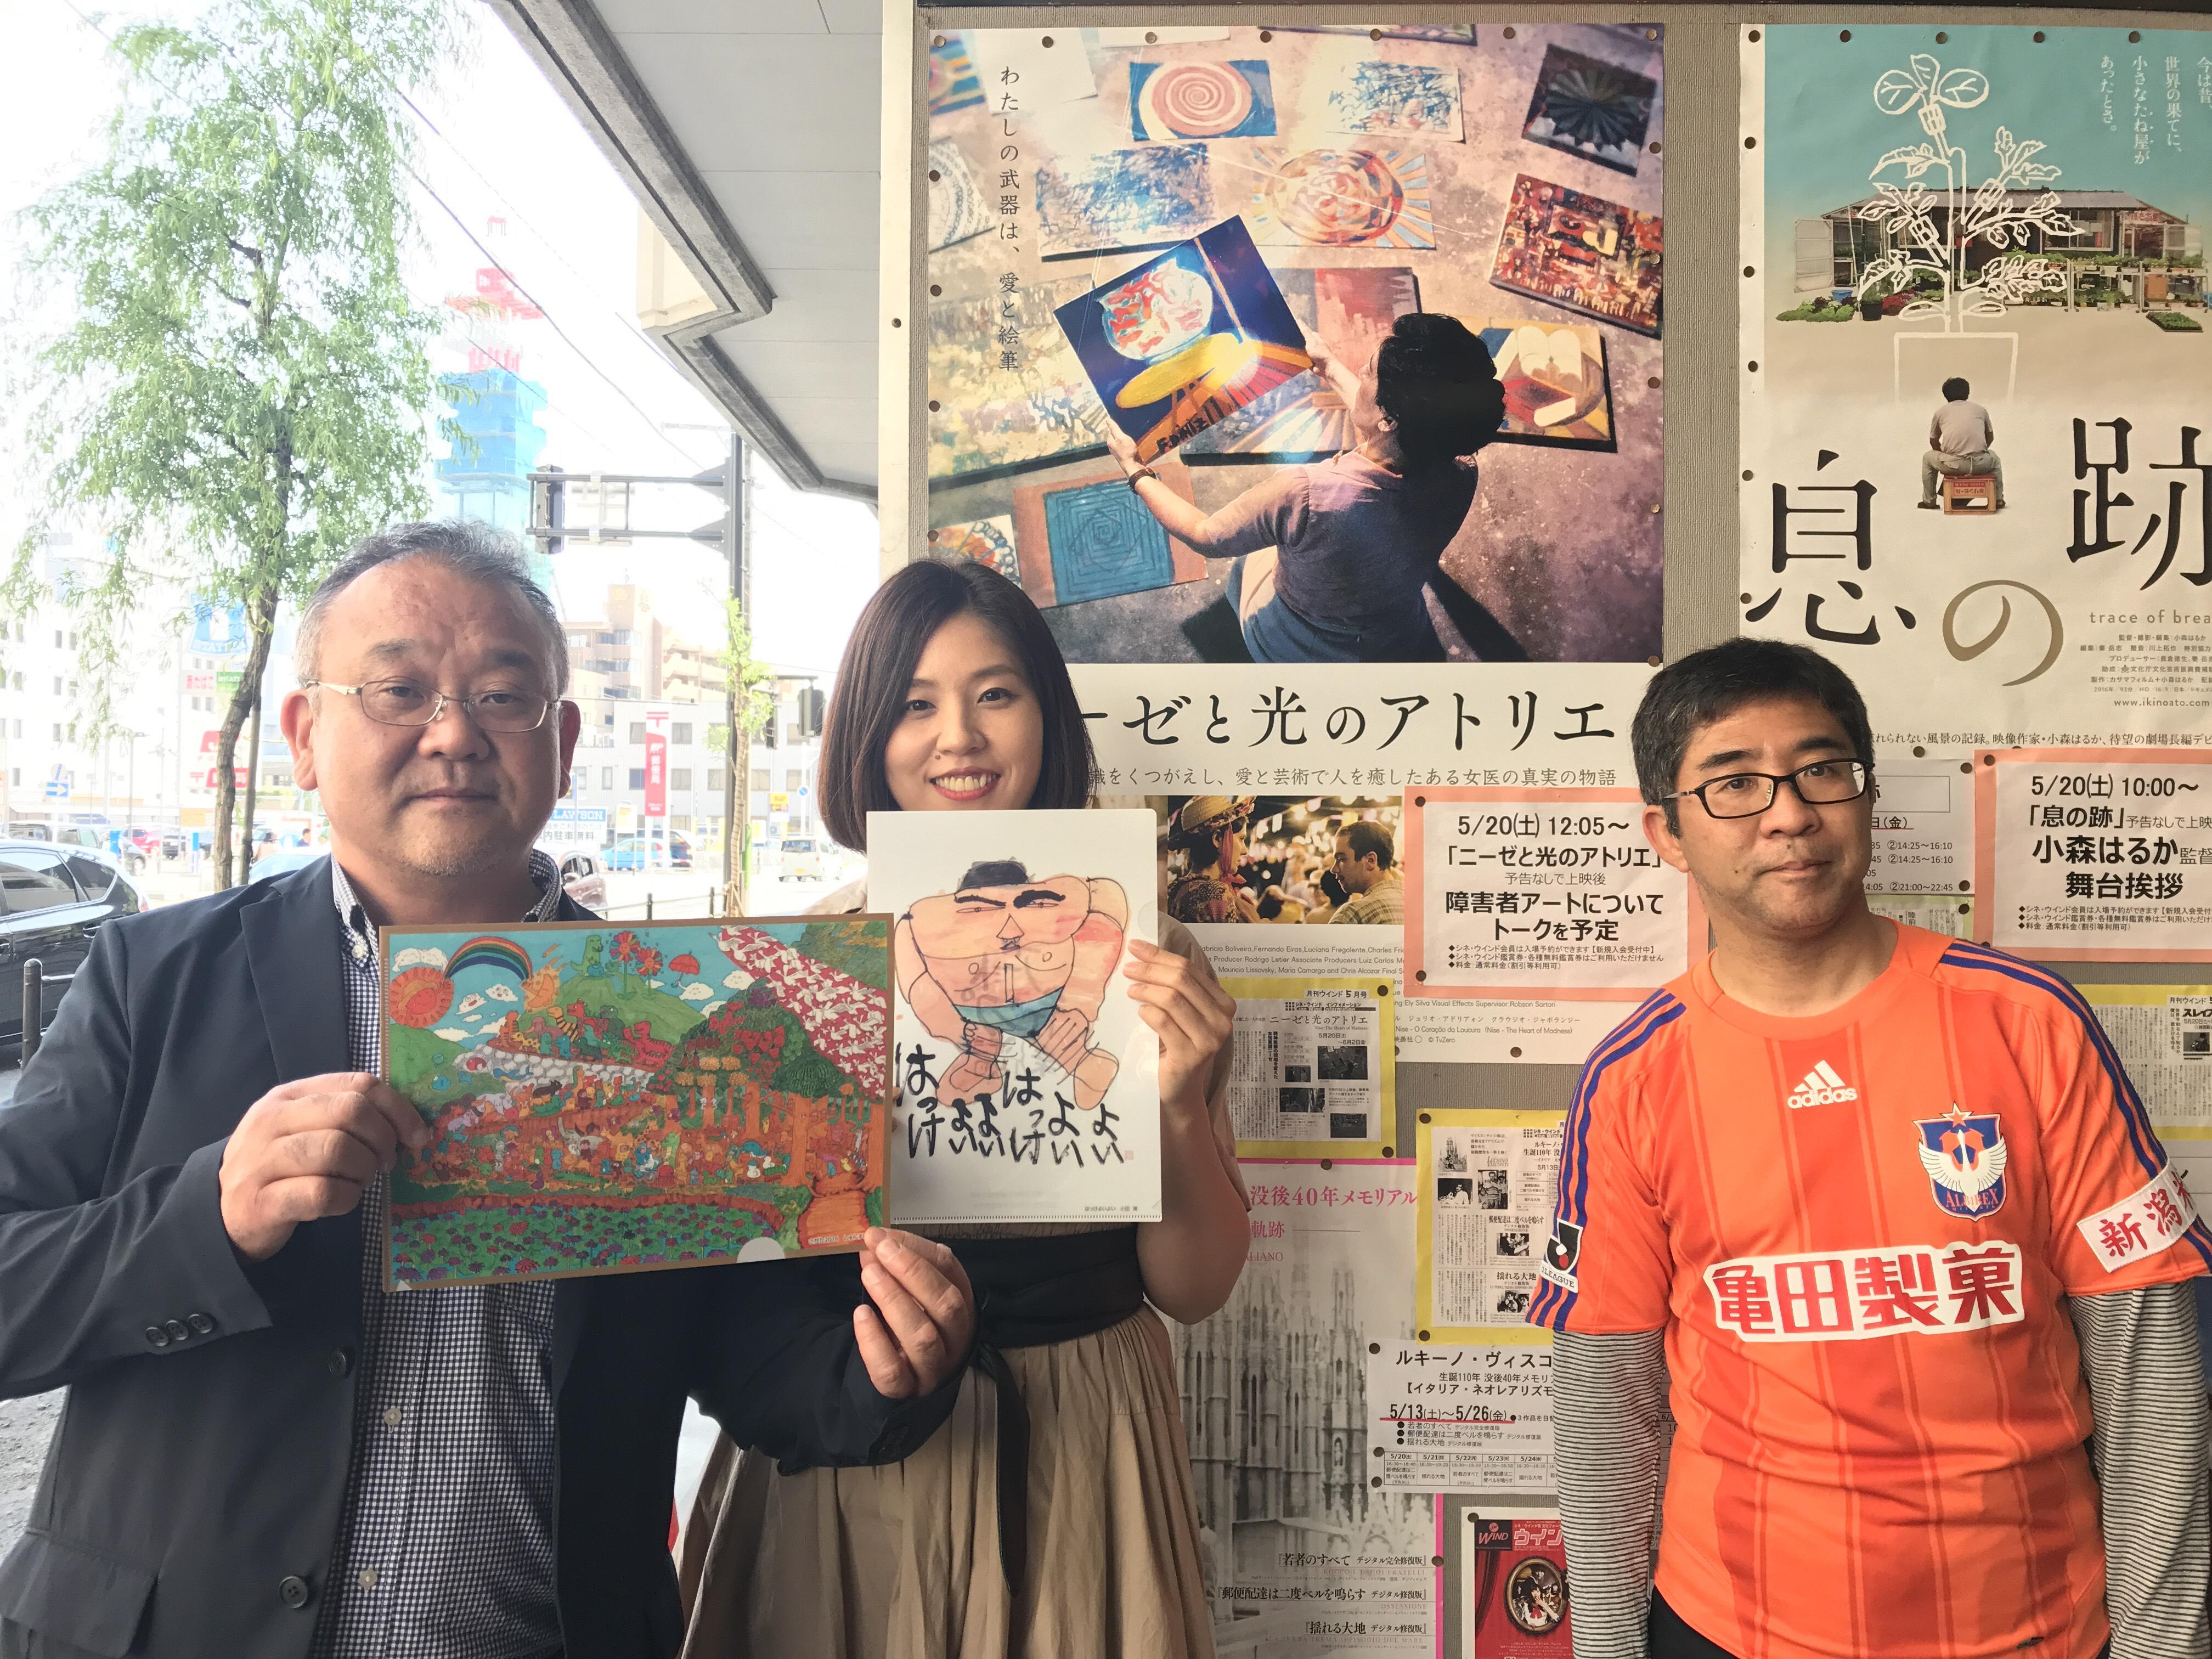 【報告】アートキャンプ新潟代表 近さんのトークがありました!